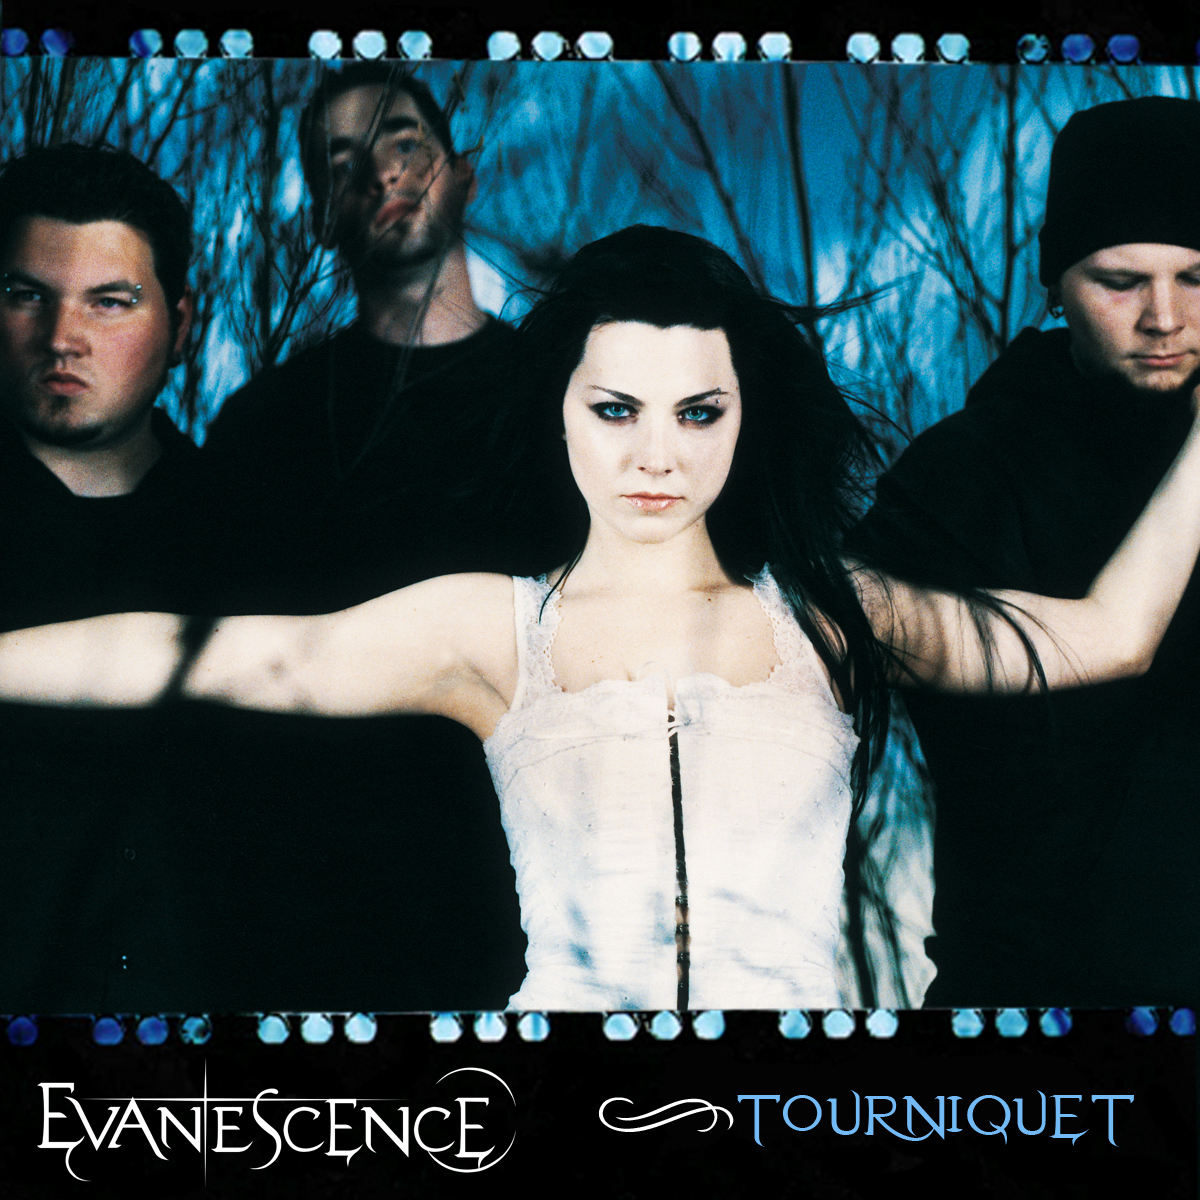 musica tourniquet evanescence